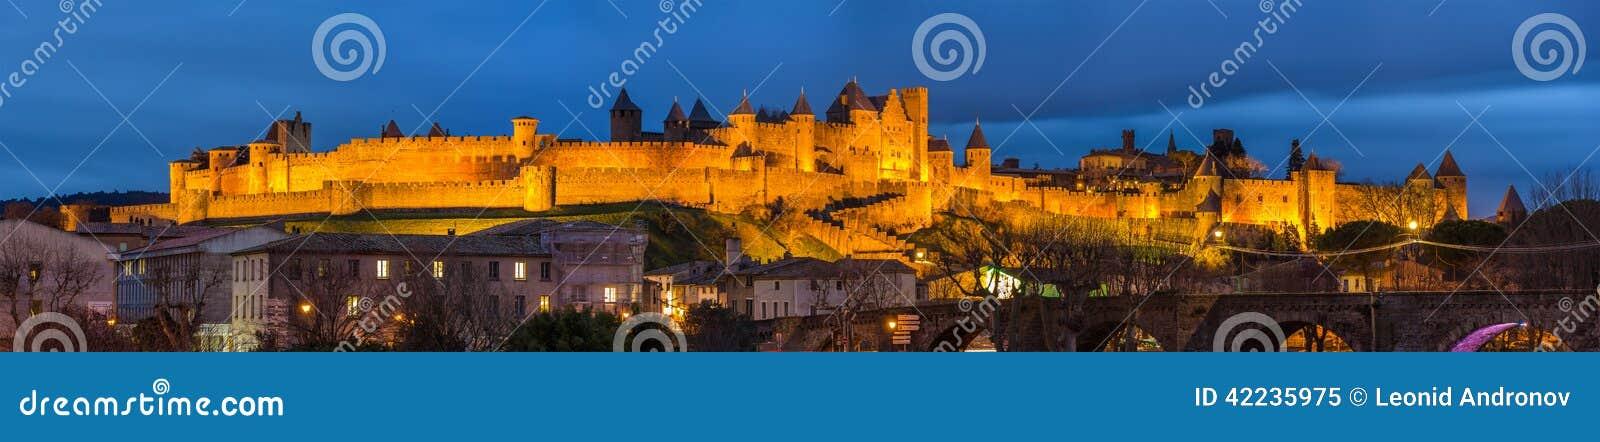 Πανόραμα βραδιού του φρουρίου του Carcassonne, Γαλλία